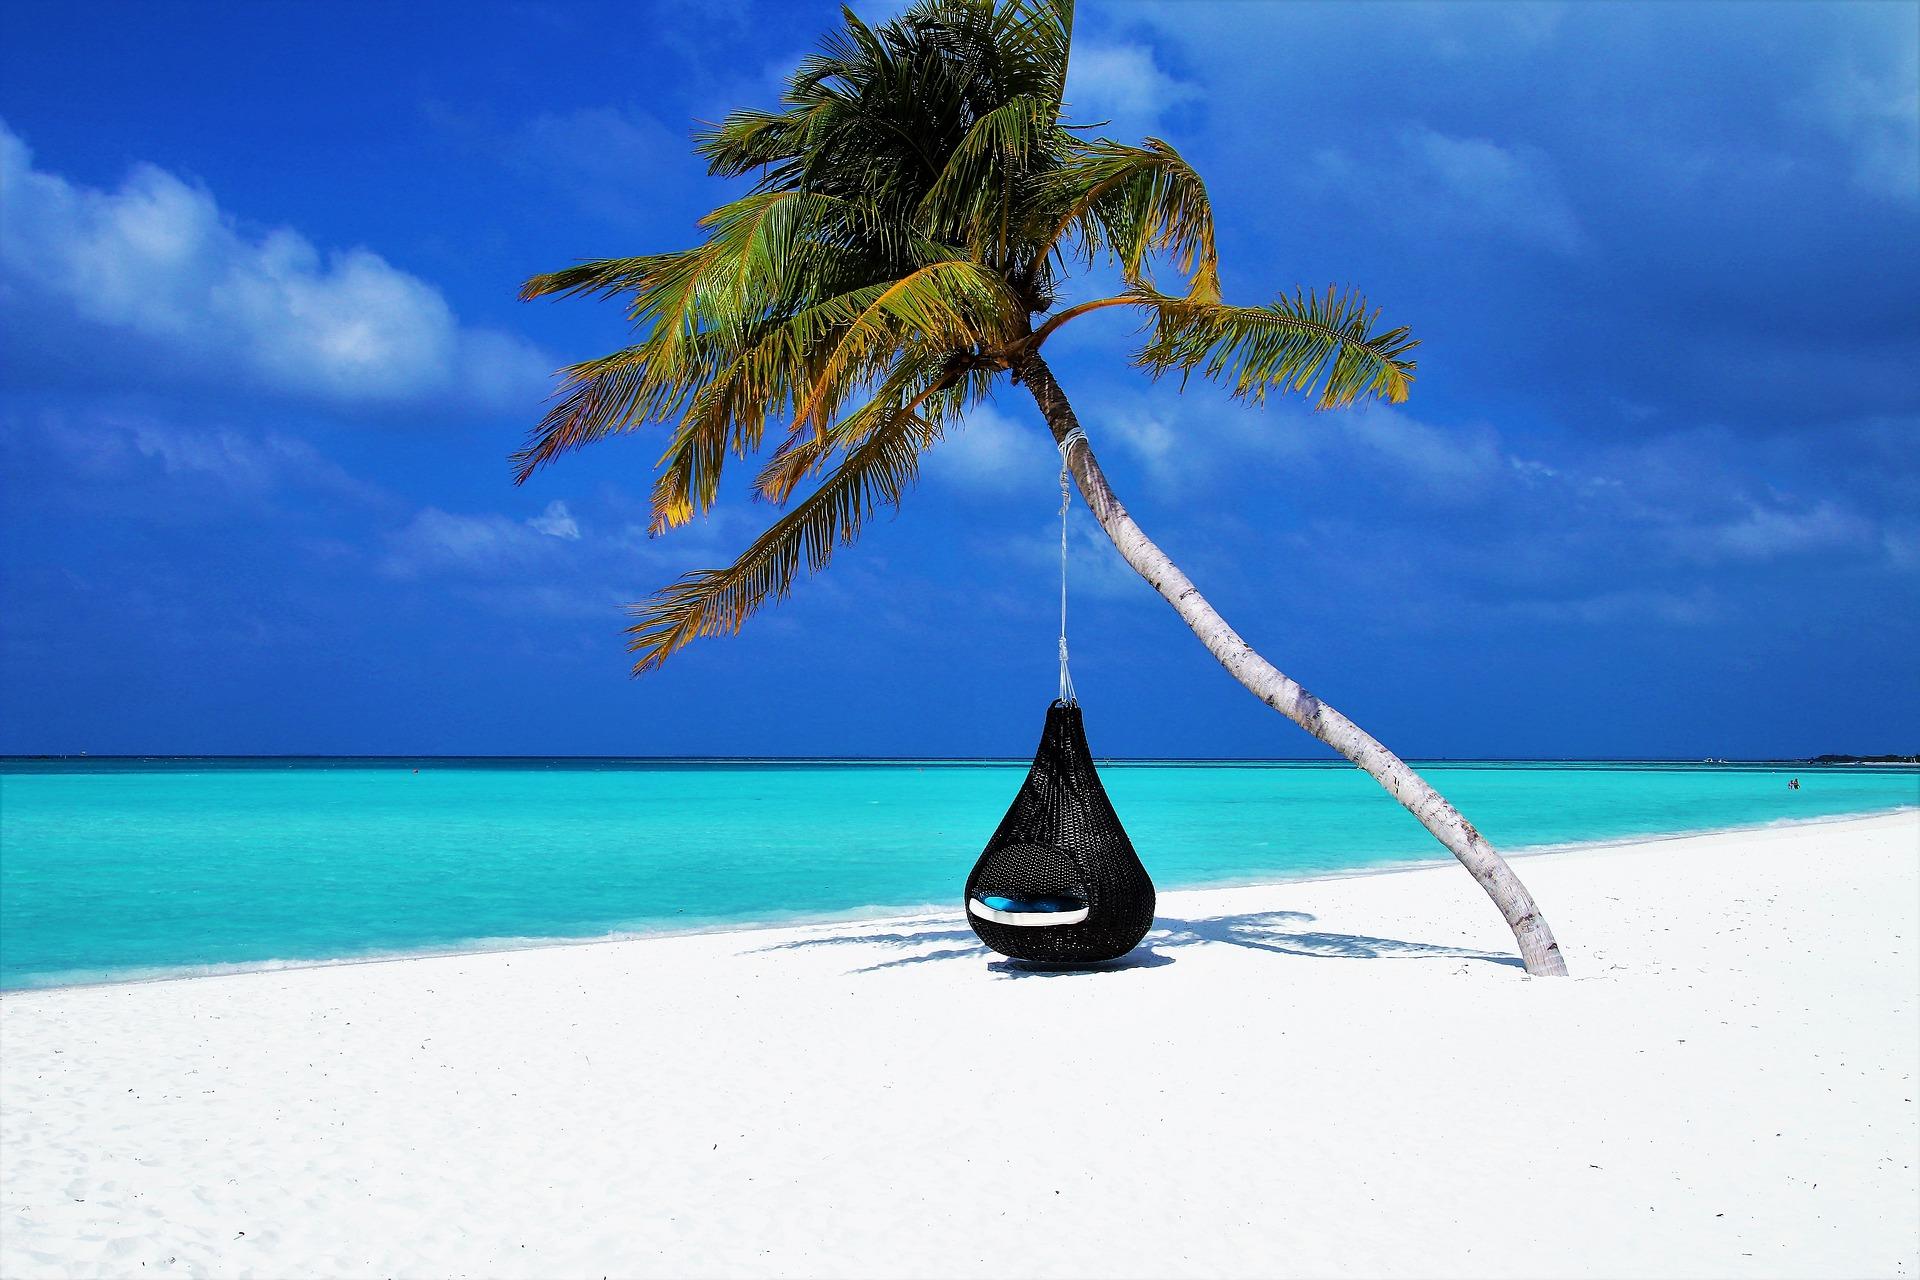 В отпуск в 2021 году: расчет и выплата отпускных. Шпаргалка для бухгалтера